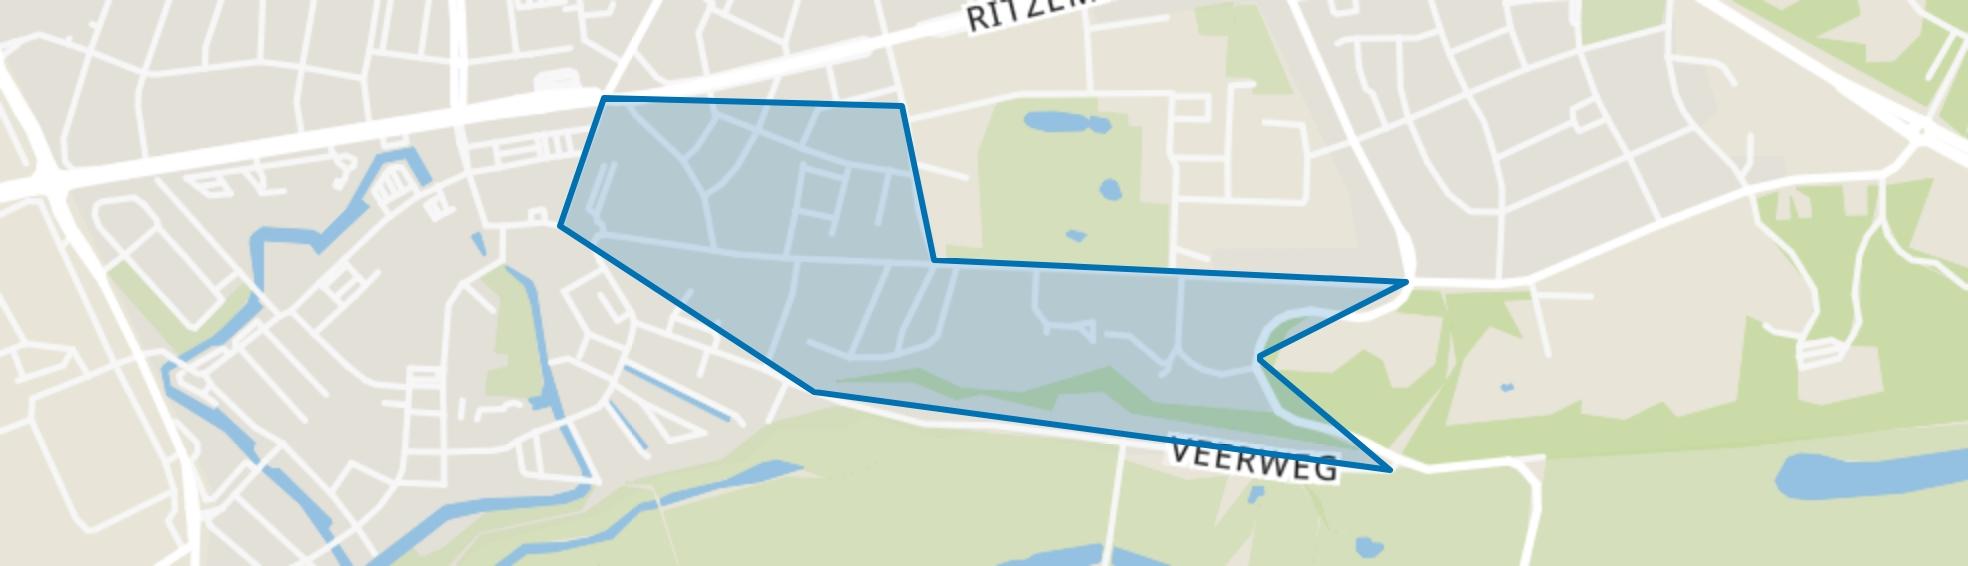 Veluvia, Wageningen map